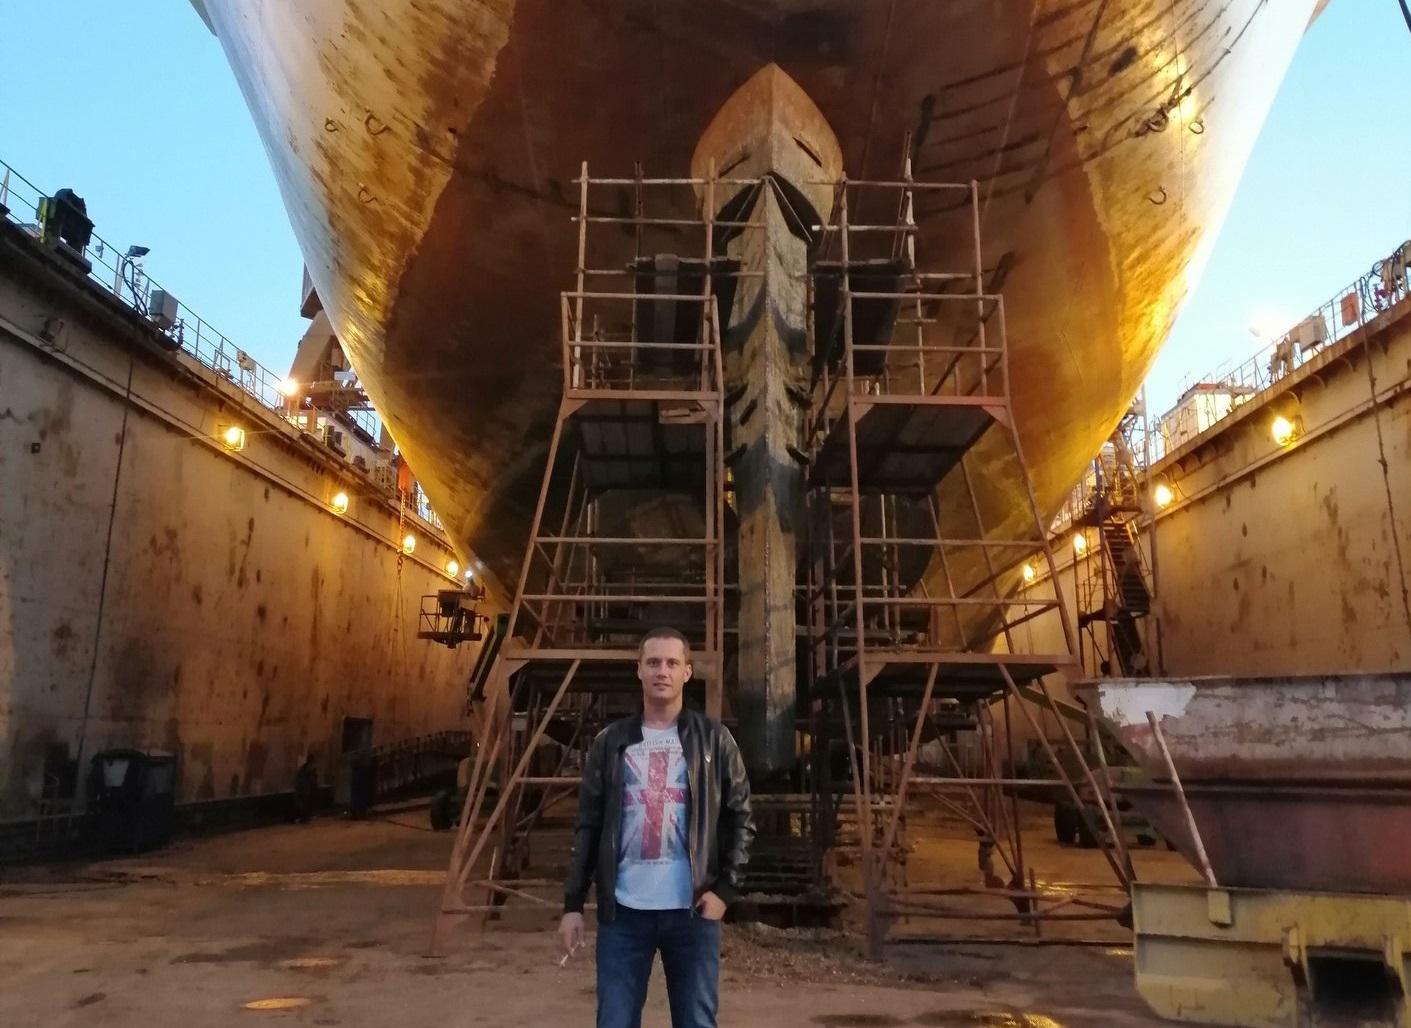 Пропал без вести: с борта иностранного судна исчез украинский моряк - детали